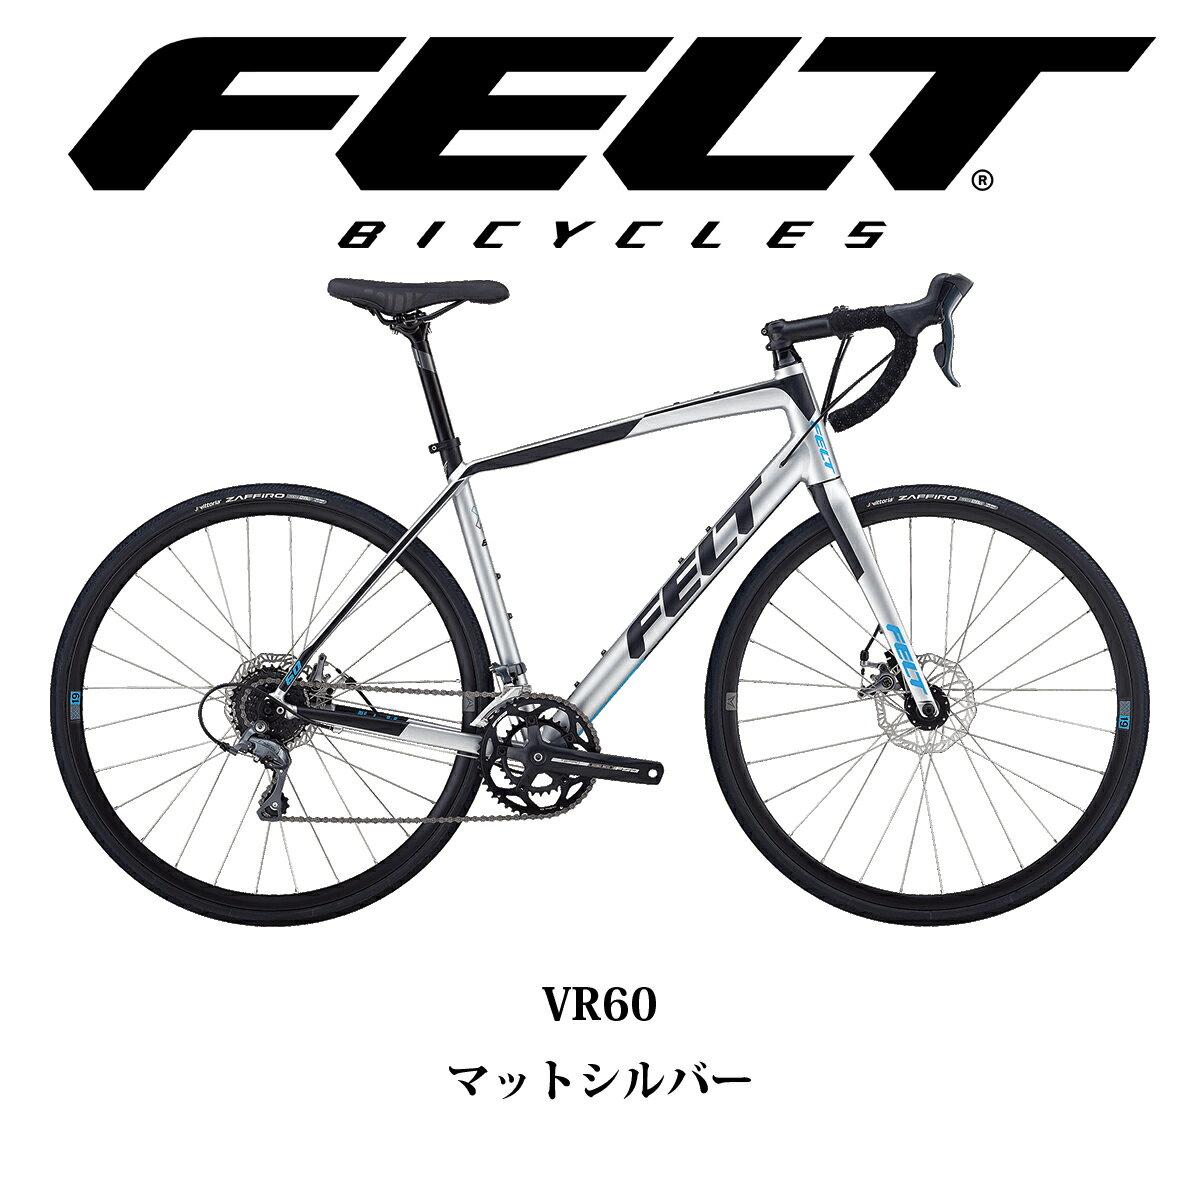 【特価商品】【2017年モデル】FELT(フェルト) VR60(ブイアール60)【プロの整備士による整備組付発送】